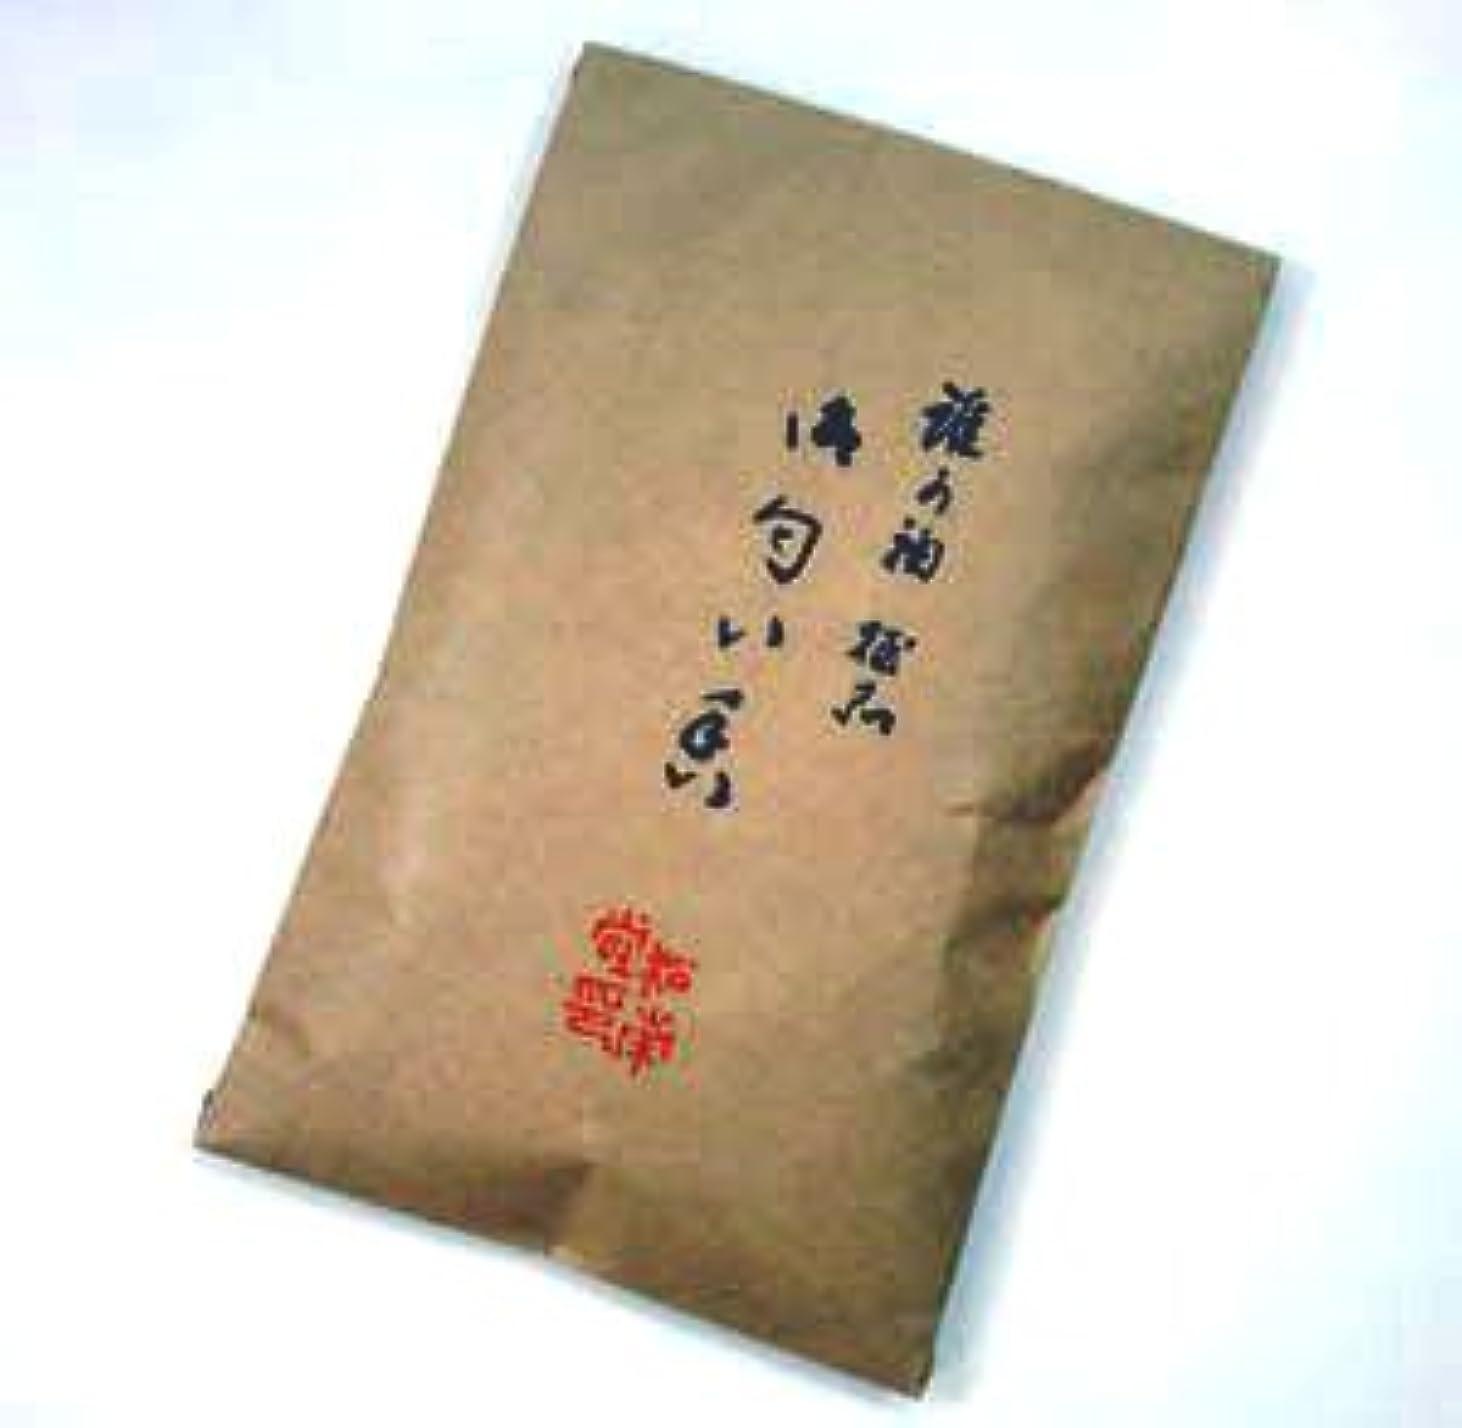 燃やすバルブ乗算匂い袋用のお香(詰替え用) 「匂い香【極品】」